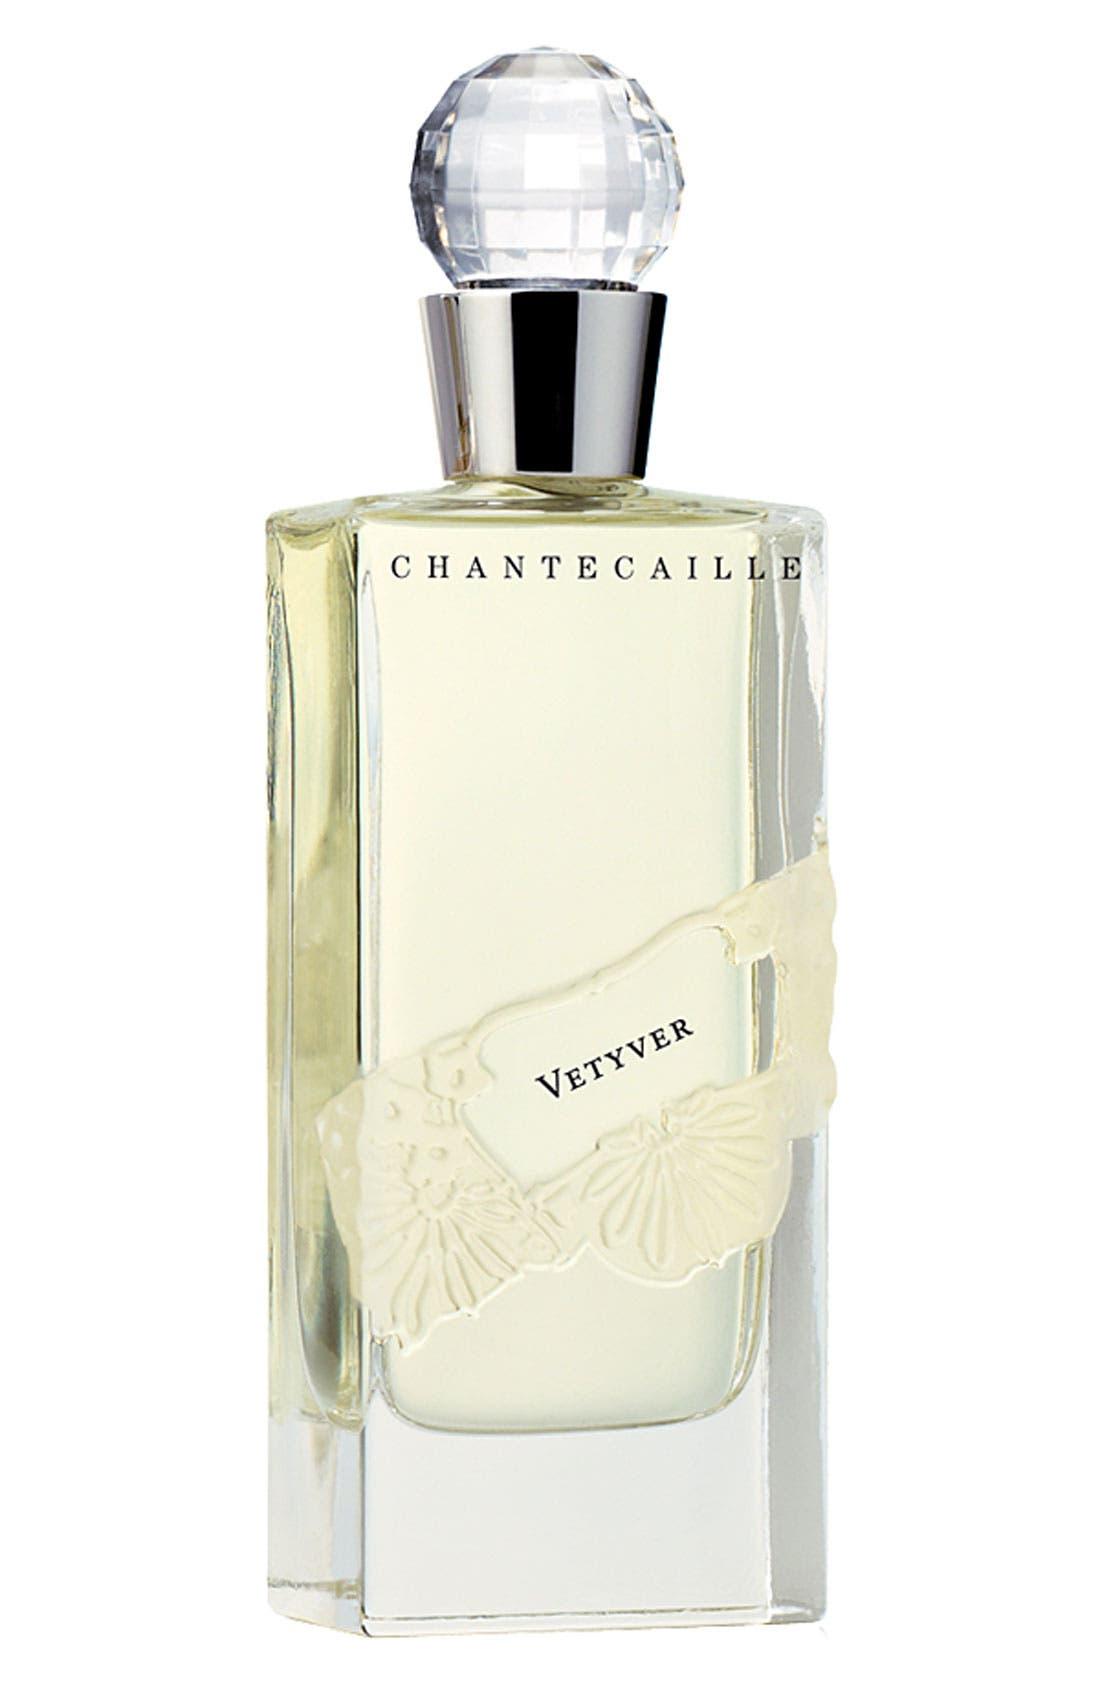 Chantecaille Vetyver Eau de Parfum